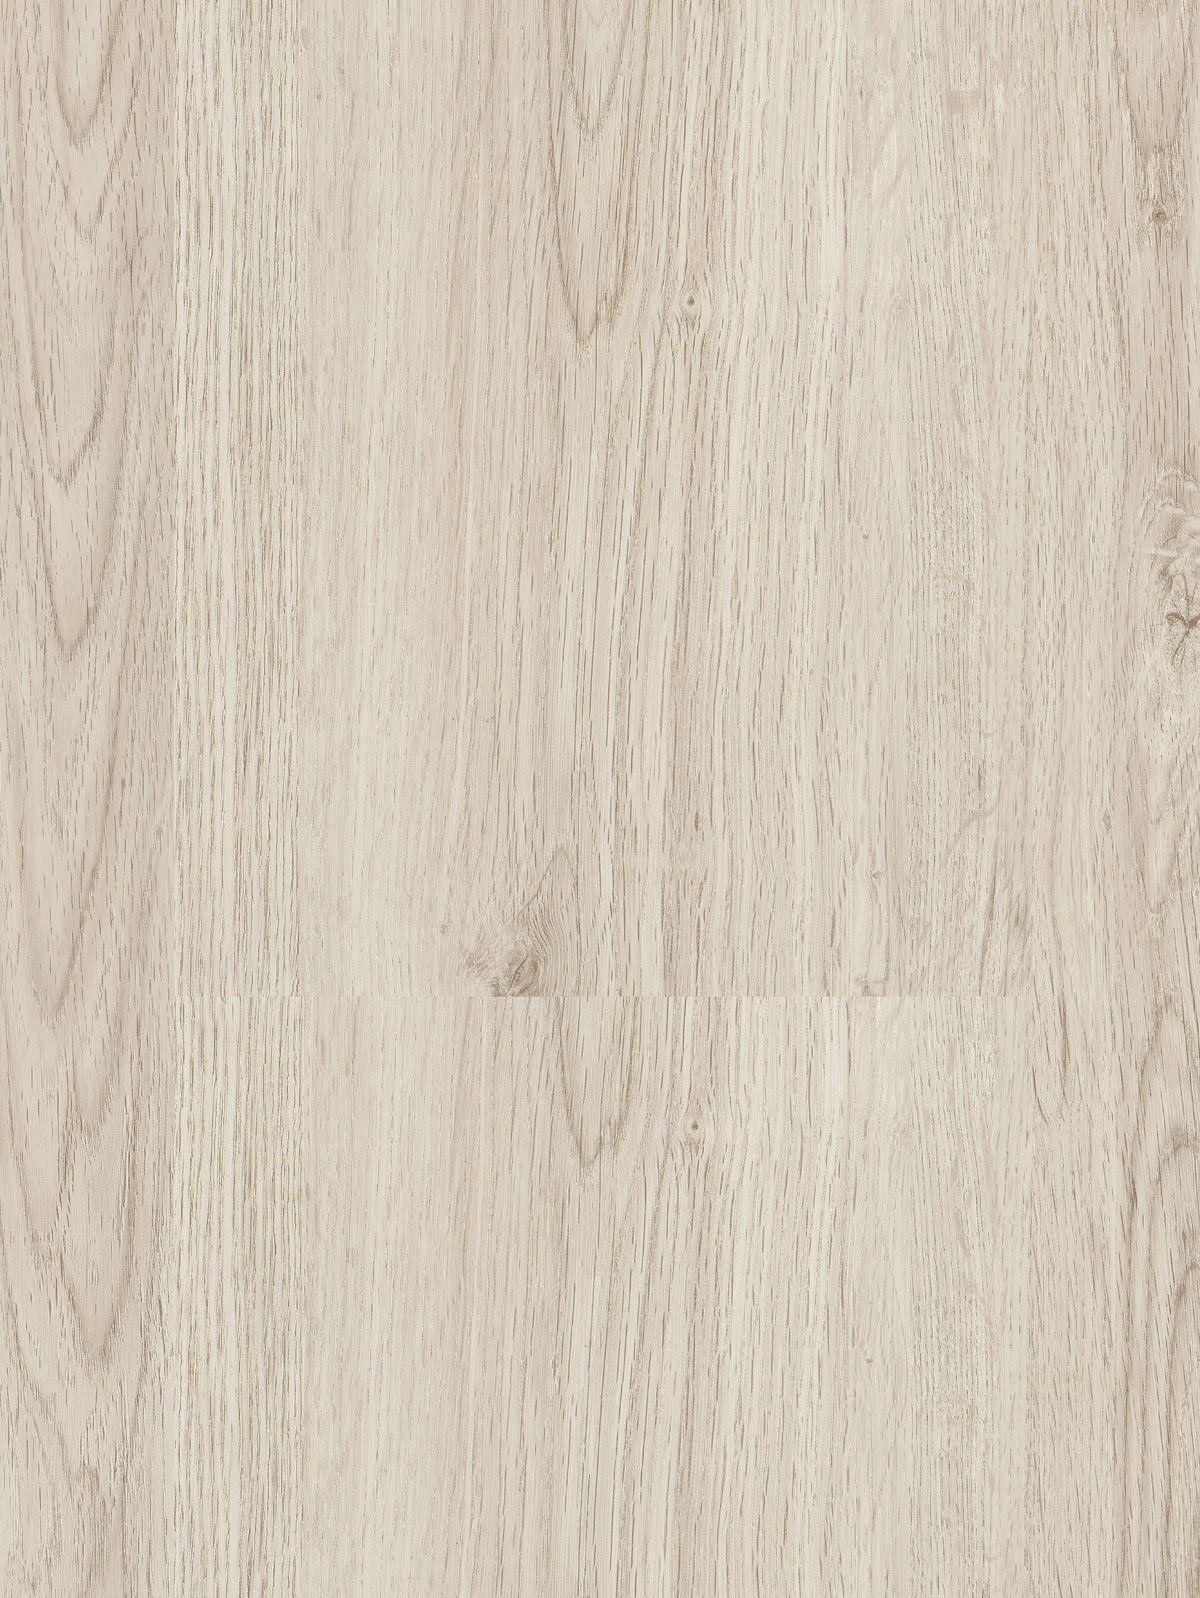 SCHÖNER WOHNEN-KOLLEKTION | For the Home // Floor | Pinterest ...